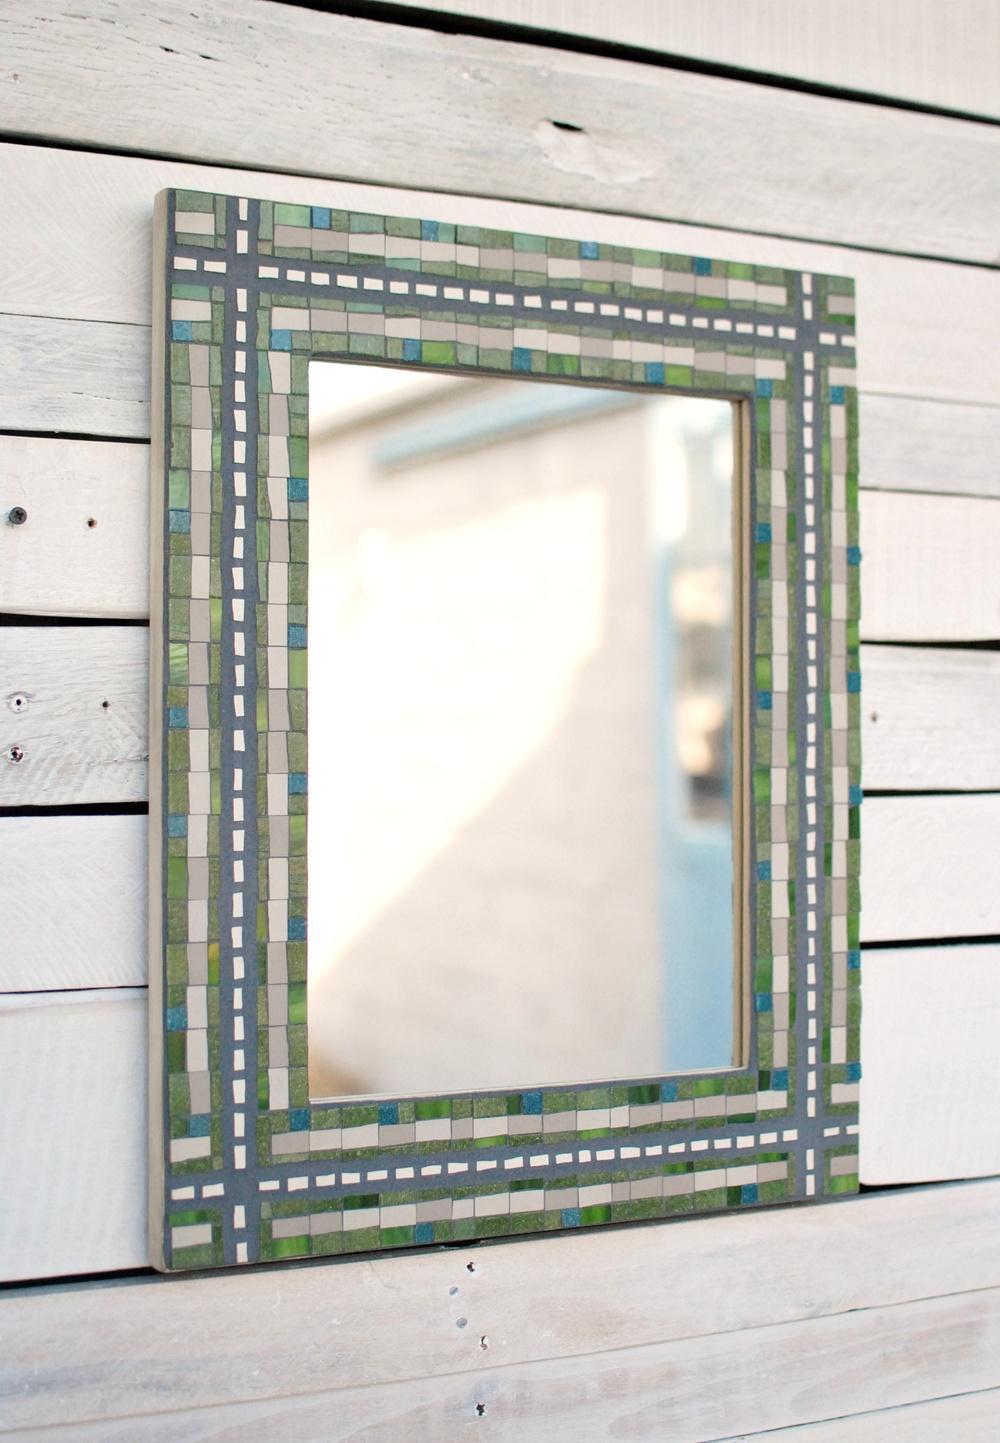 Suburbia-mosaic-mirror-PH2015.jpg